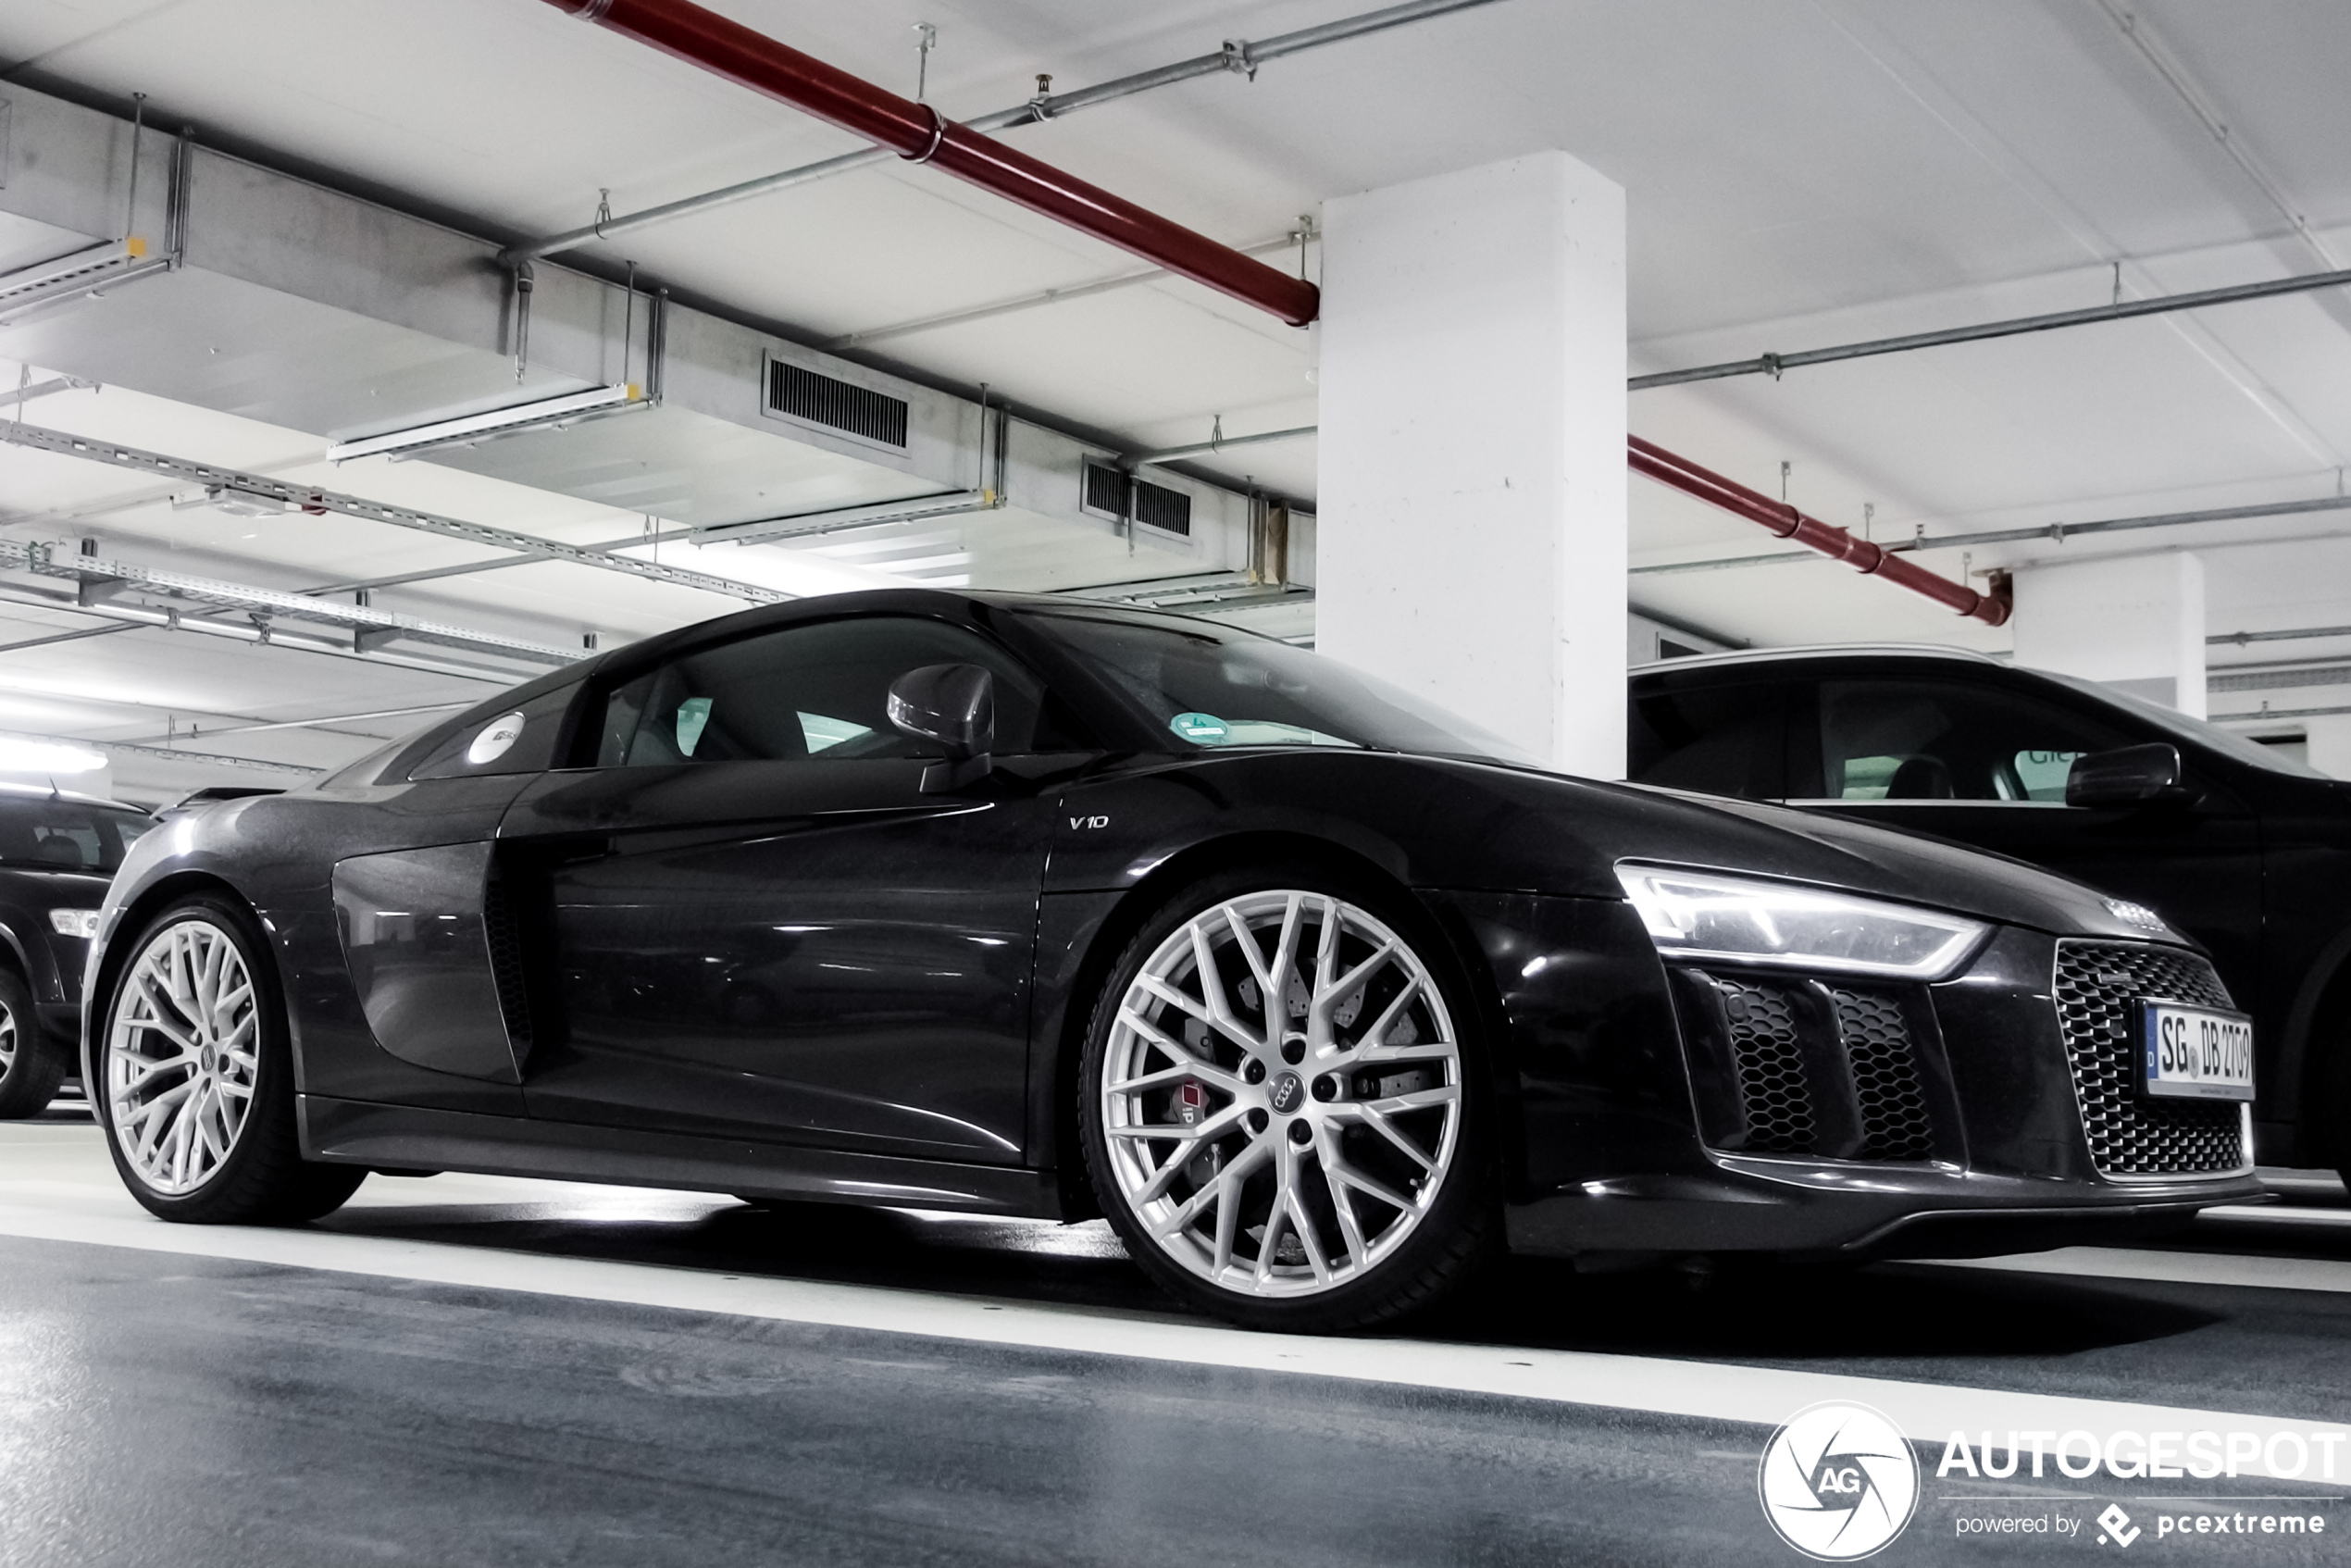 Alweer vijf jaar onder ons: Audi R8 V10 Plus